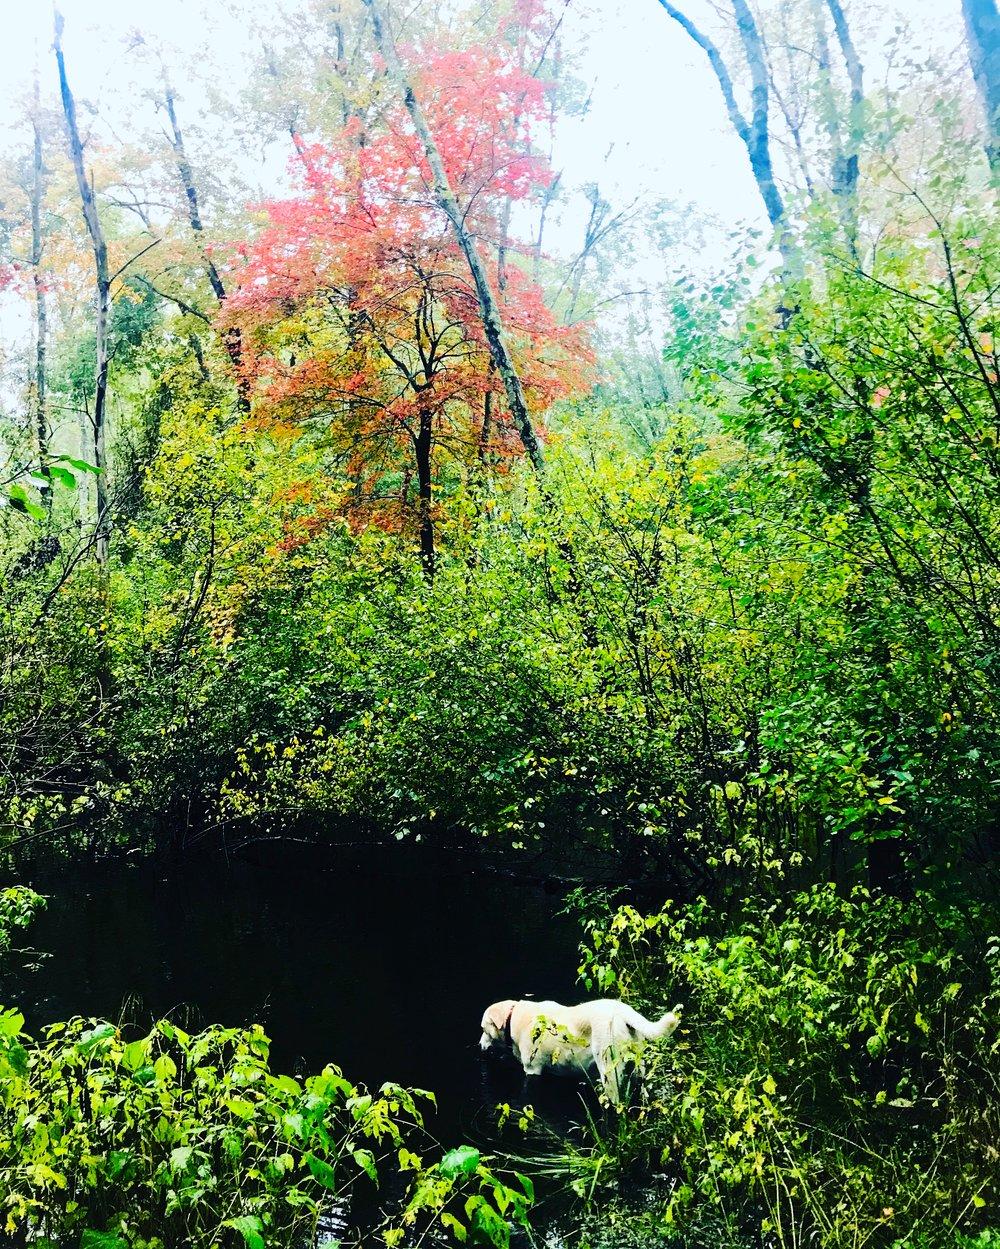 Suzi in the brook